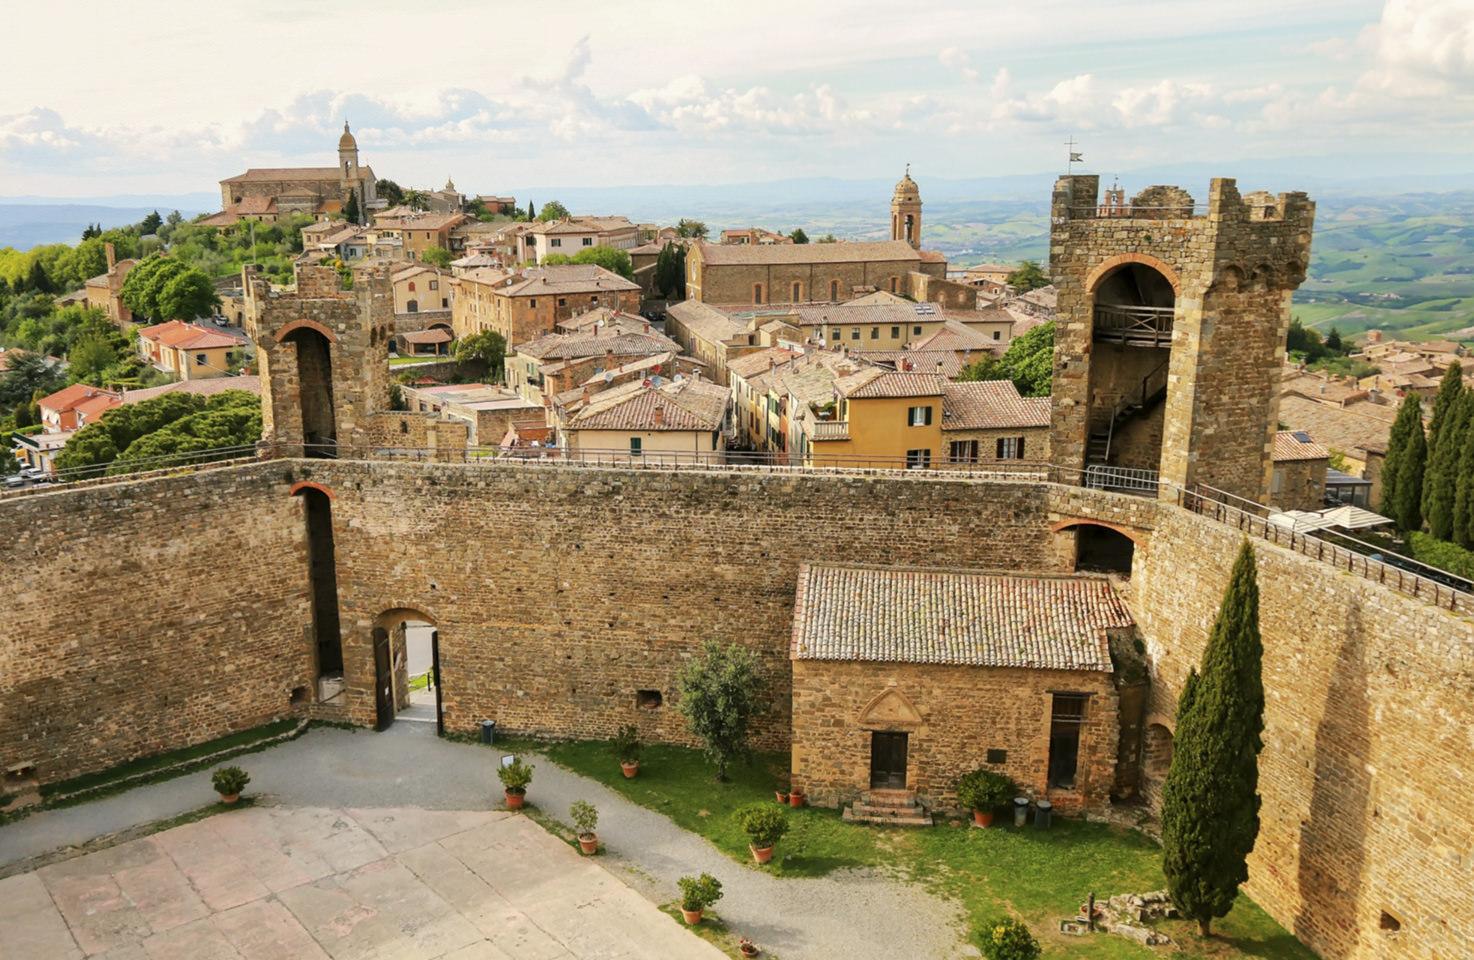 Panorama of Montalcino, Tuscany